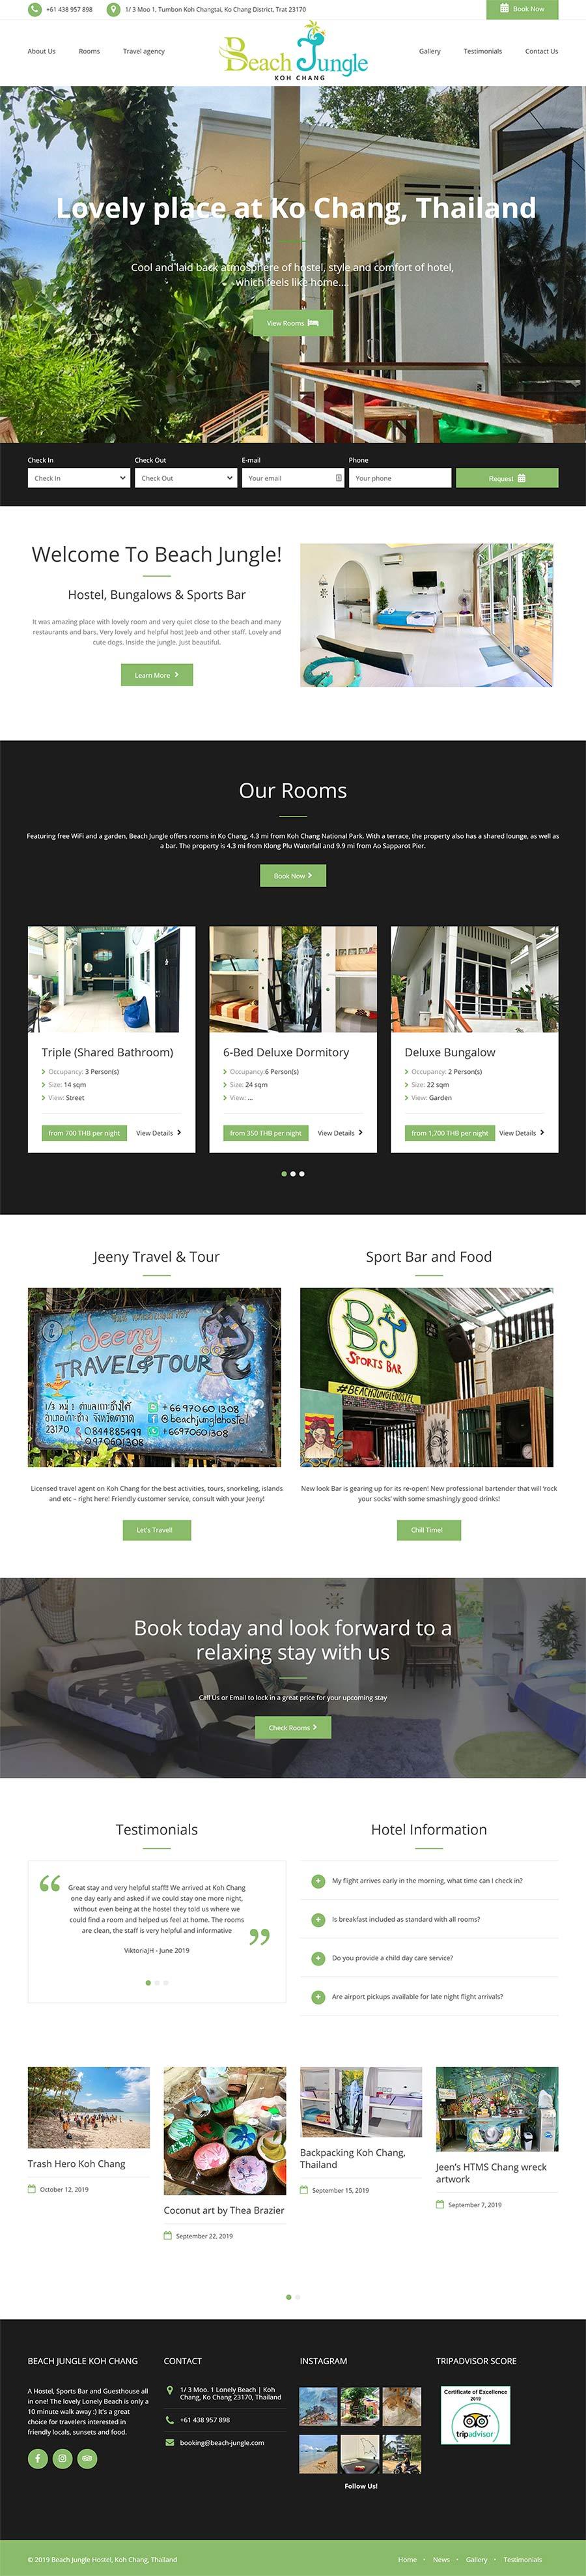 Презентационный сайт для отеля, хостела